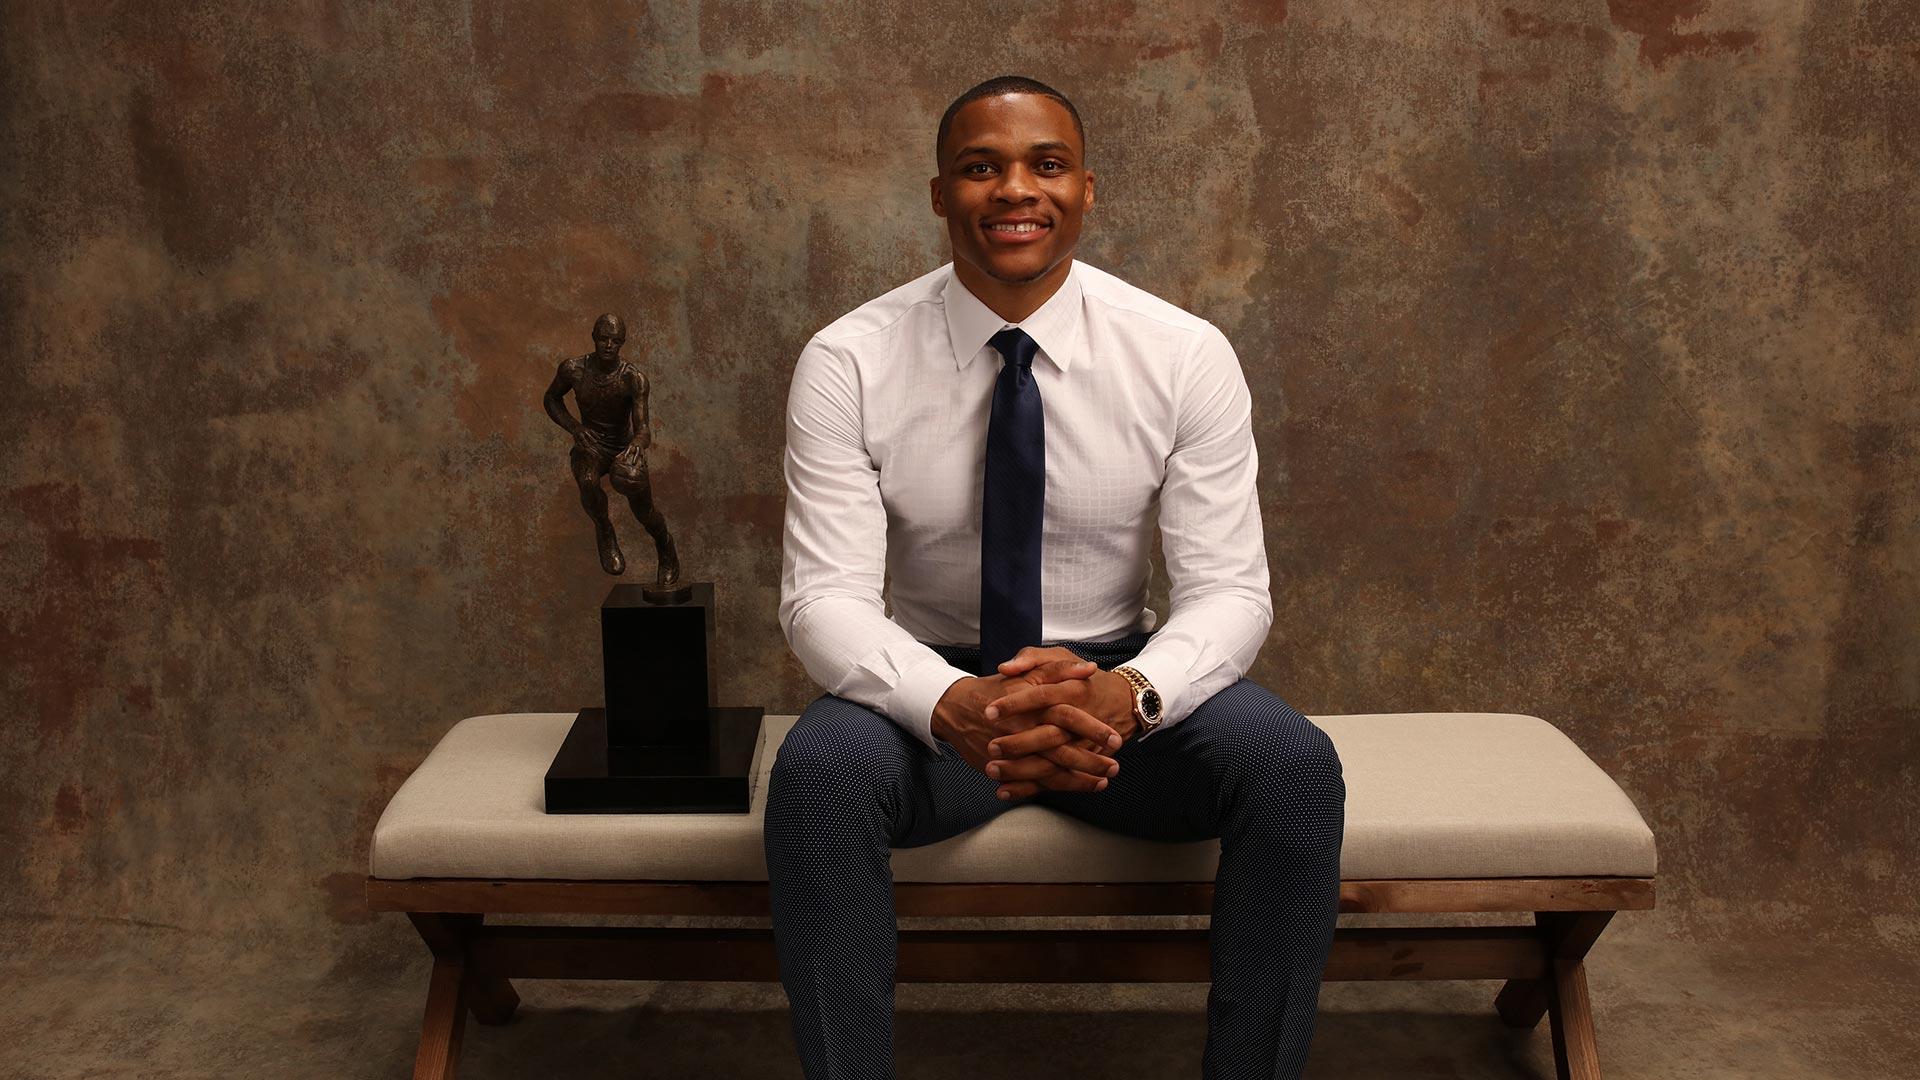 Russell Westbrook con su premio de Juegador Más Valioso (MVP) de la temporada pasada